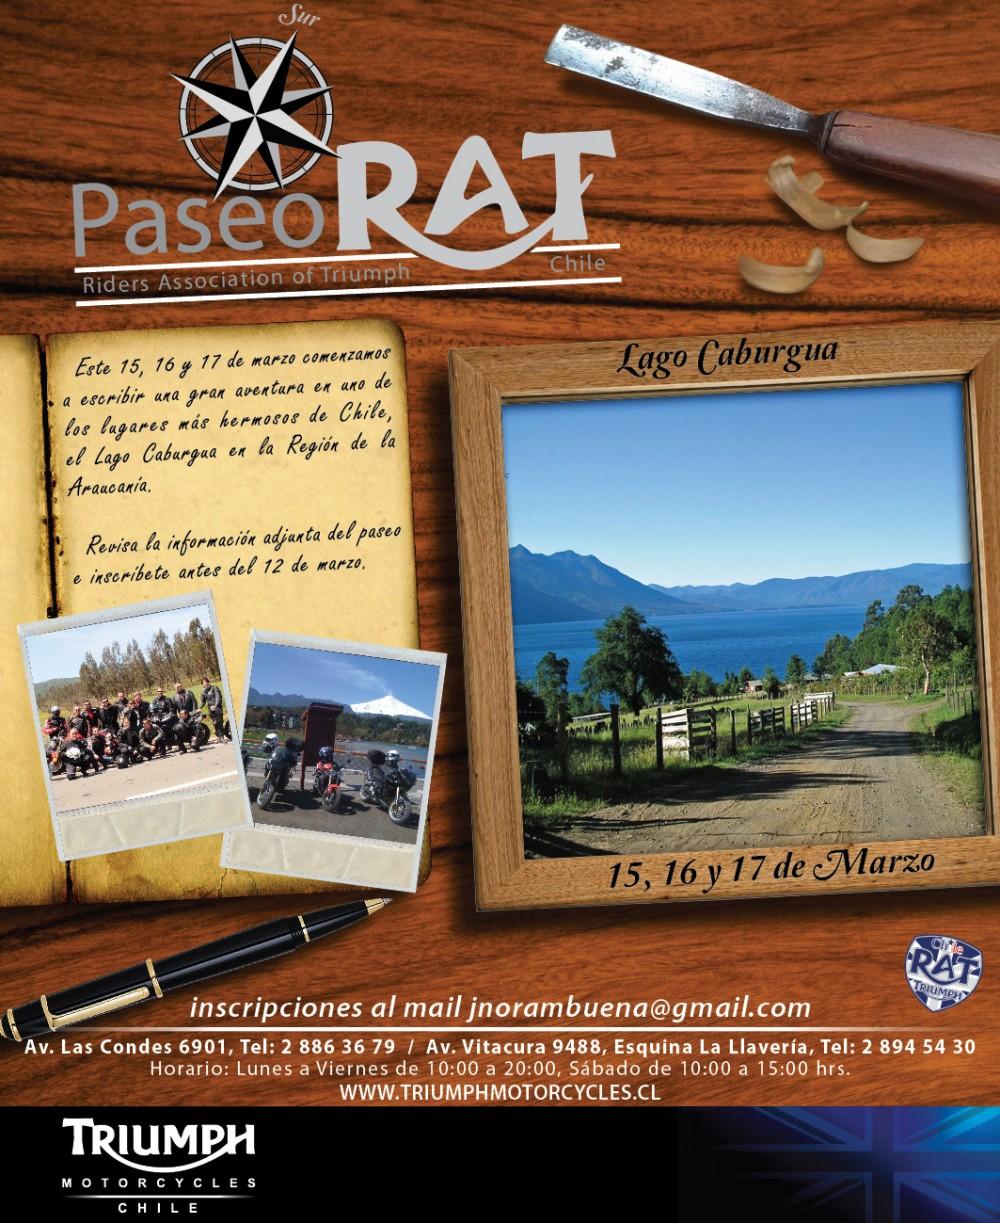 1er Paseo RAT - Lago Caburgua - 9na Región Araucanía